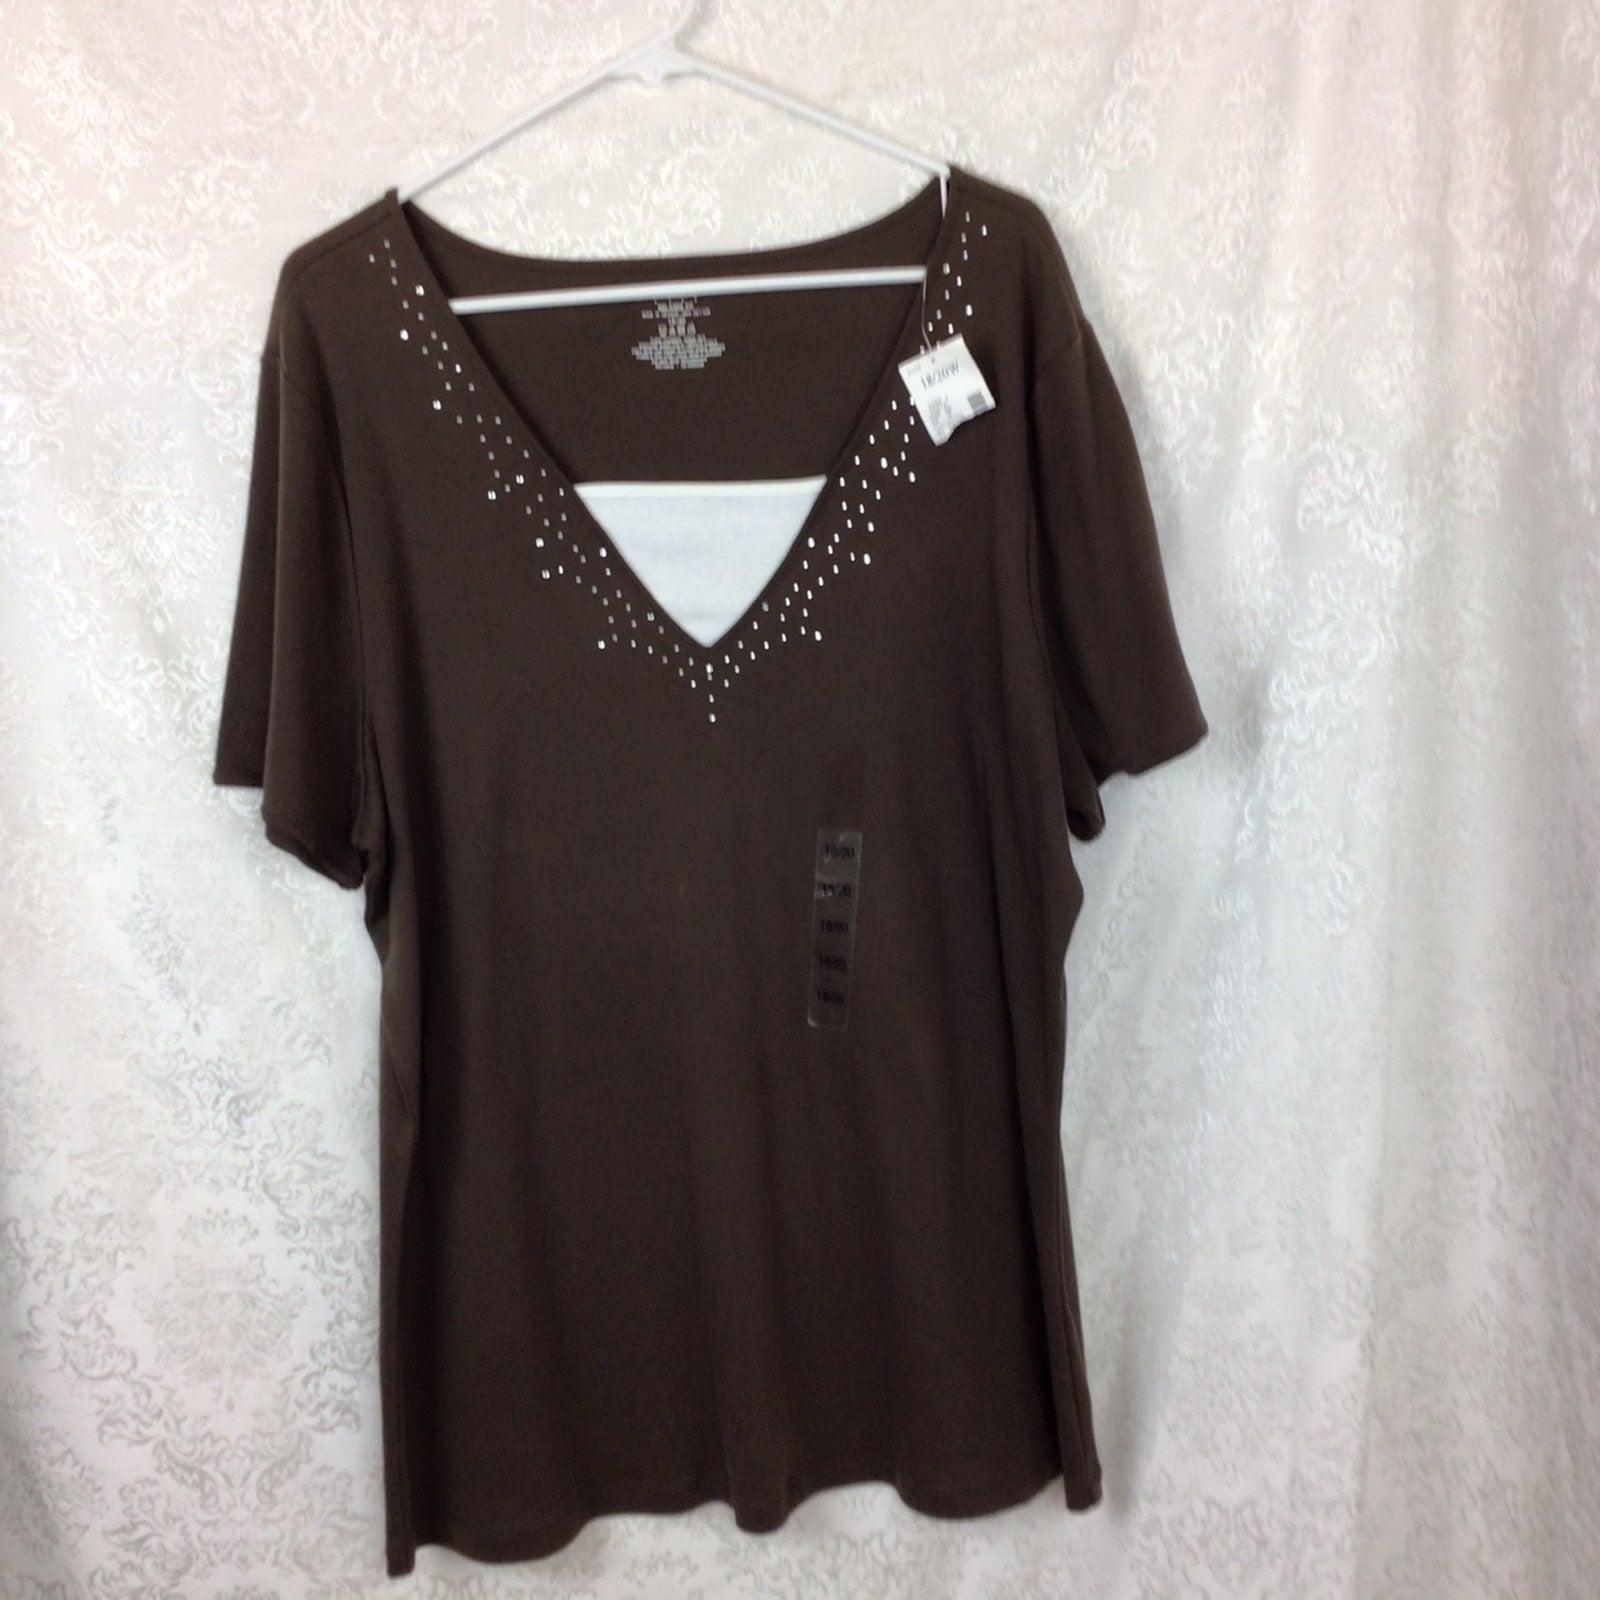 Venezia LB Brown Shirt Jewels 18/20 Read